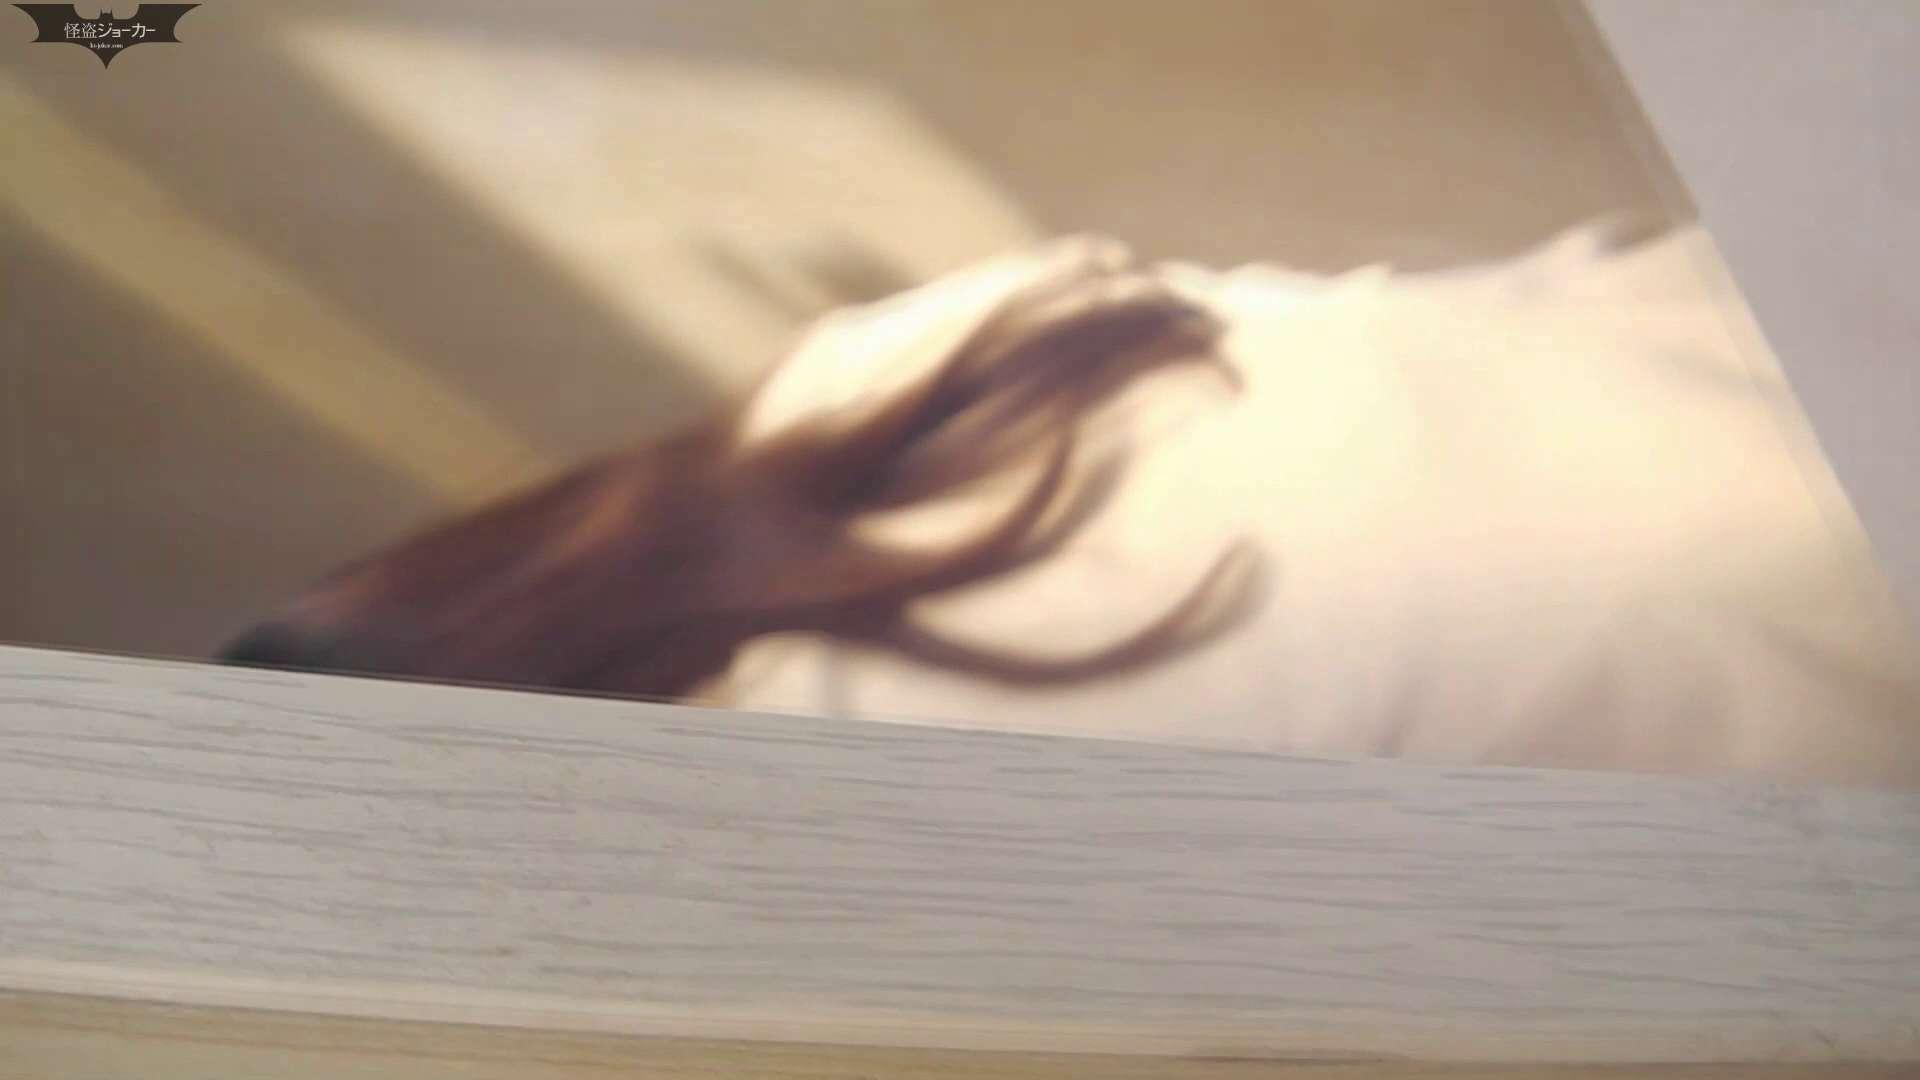 阿国ちゃんの和式洋式七変化 Vol.25 ん?突起物が・・・。 丸見えマンコ | 和式  96画像 20